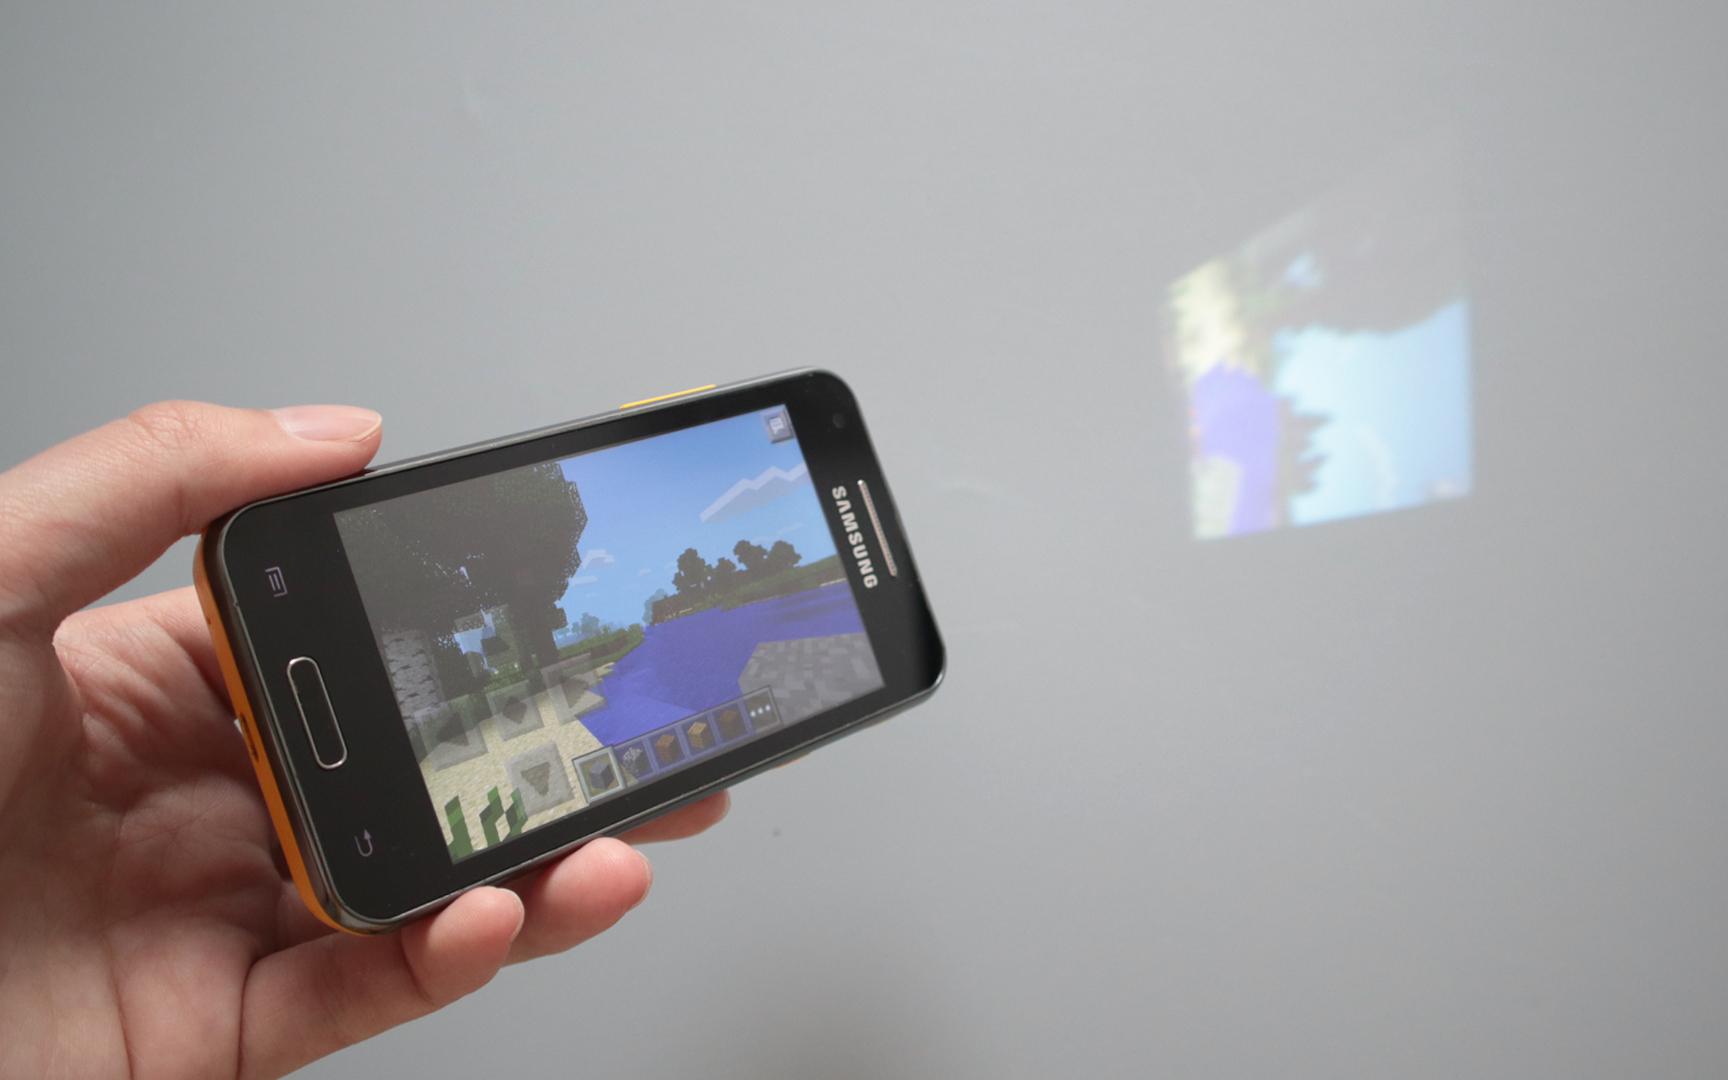 九年前的投影手机是什么体验?独特的设计难以延续